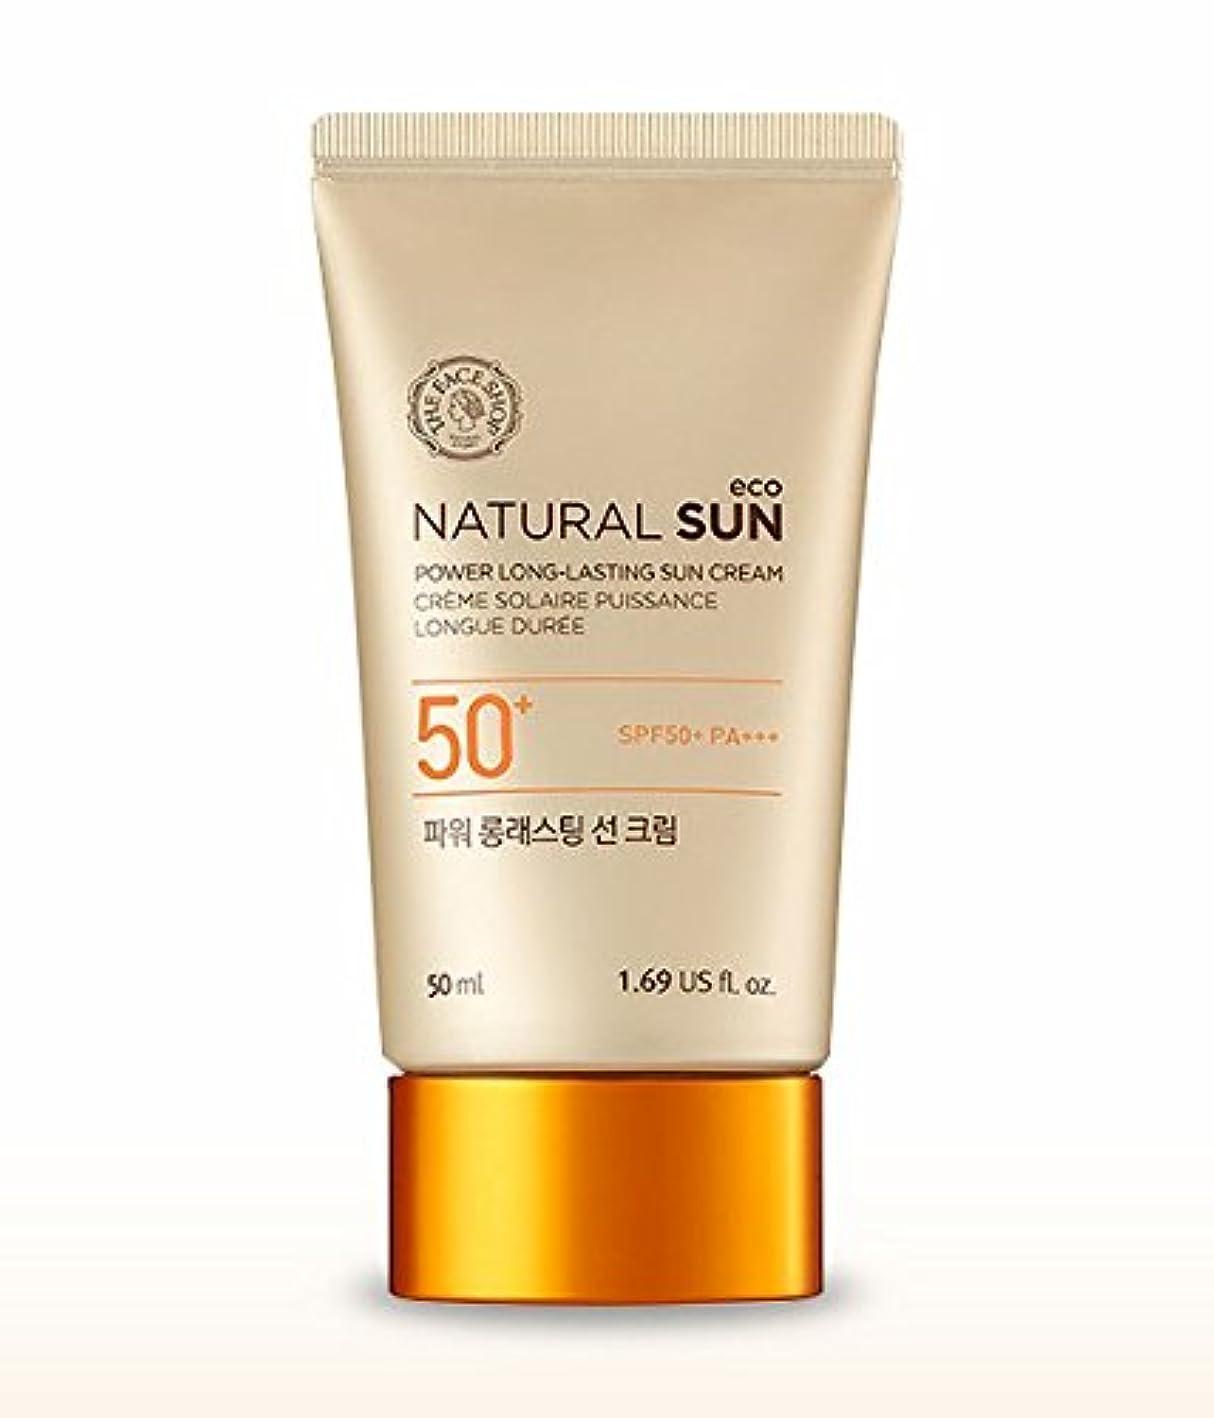 奨学金地獄実験的THE FACE SHOP Natural Sun Eco Power Long Lasting Sun Cream 50mlザフェイスショップ ナチュラルサンパワーロングラスティングサンクリーム [並行輸入品]